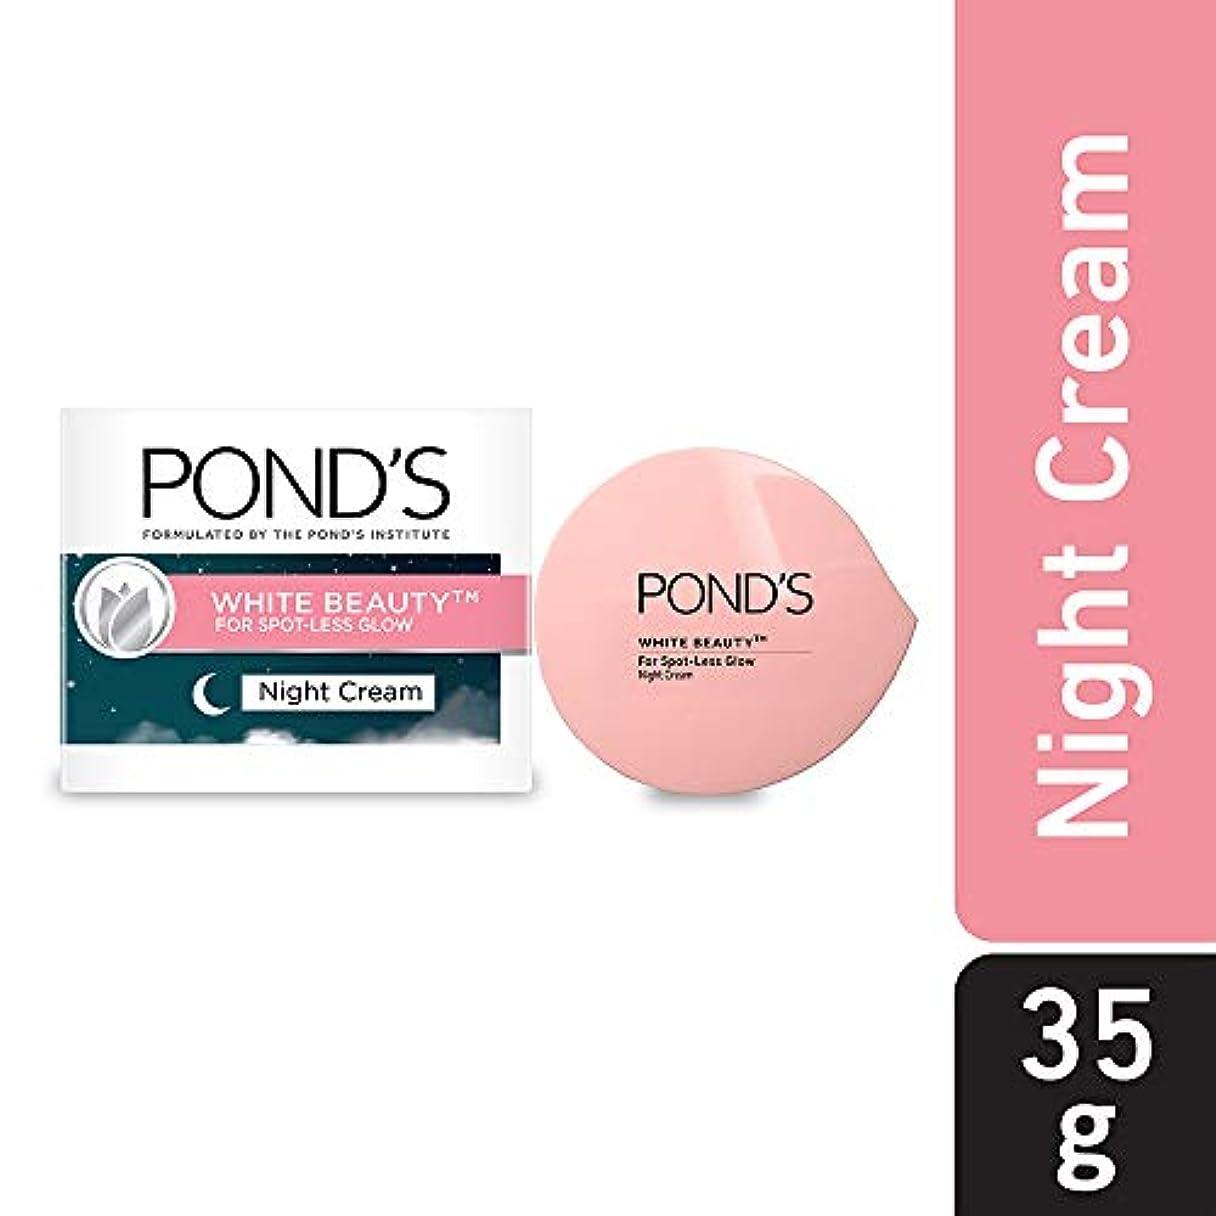 ダーツ外側せがむPOND'S White Beauty Night Cream, 35 g - India (並行インポート)